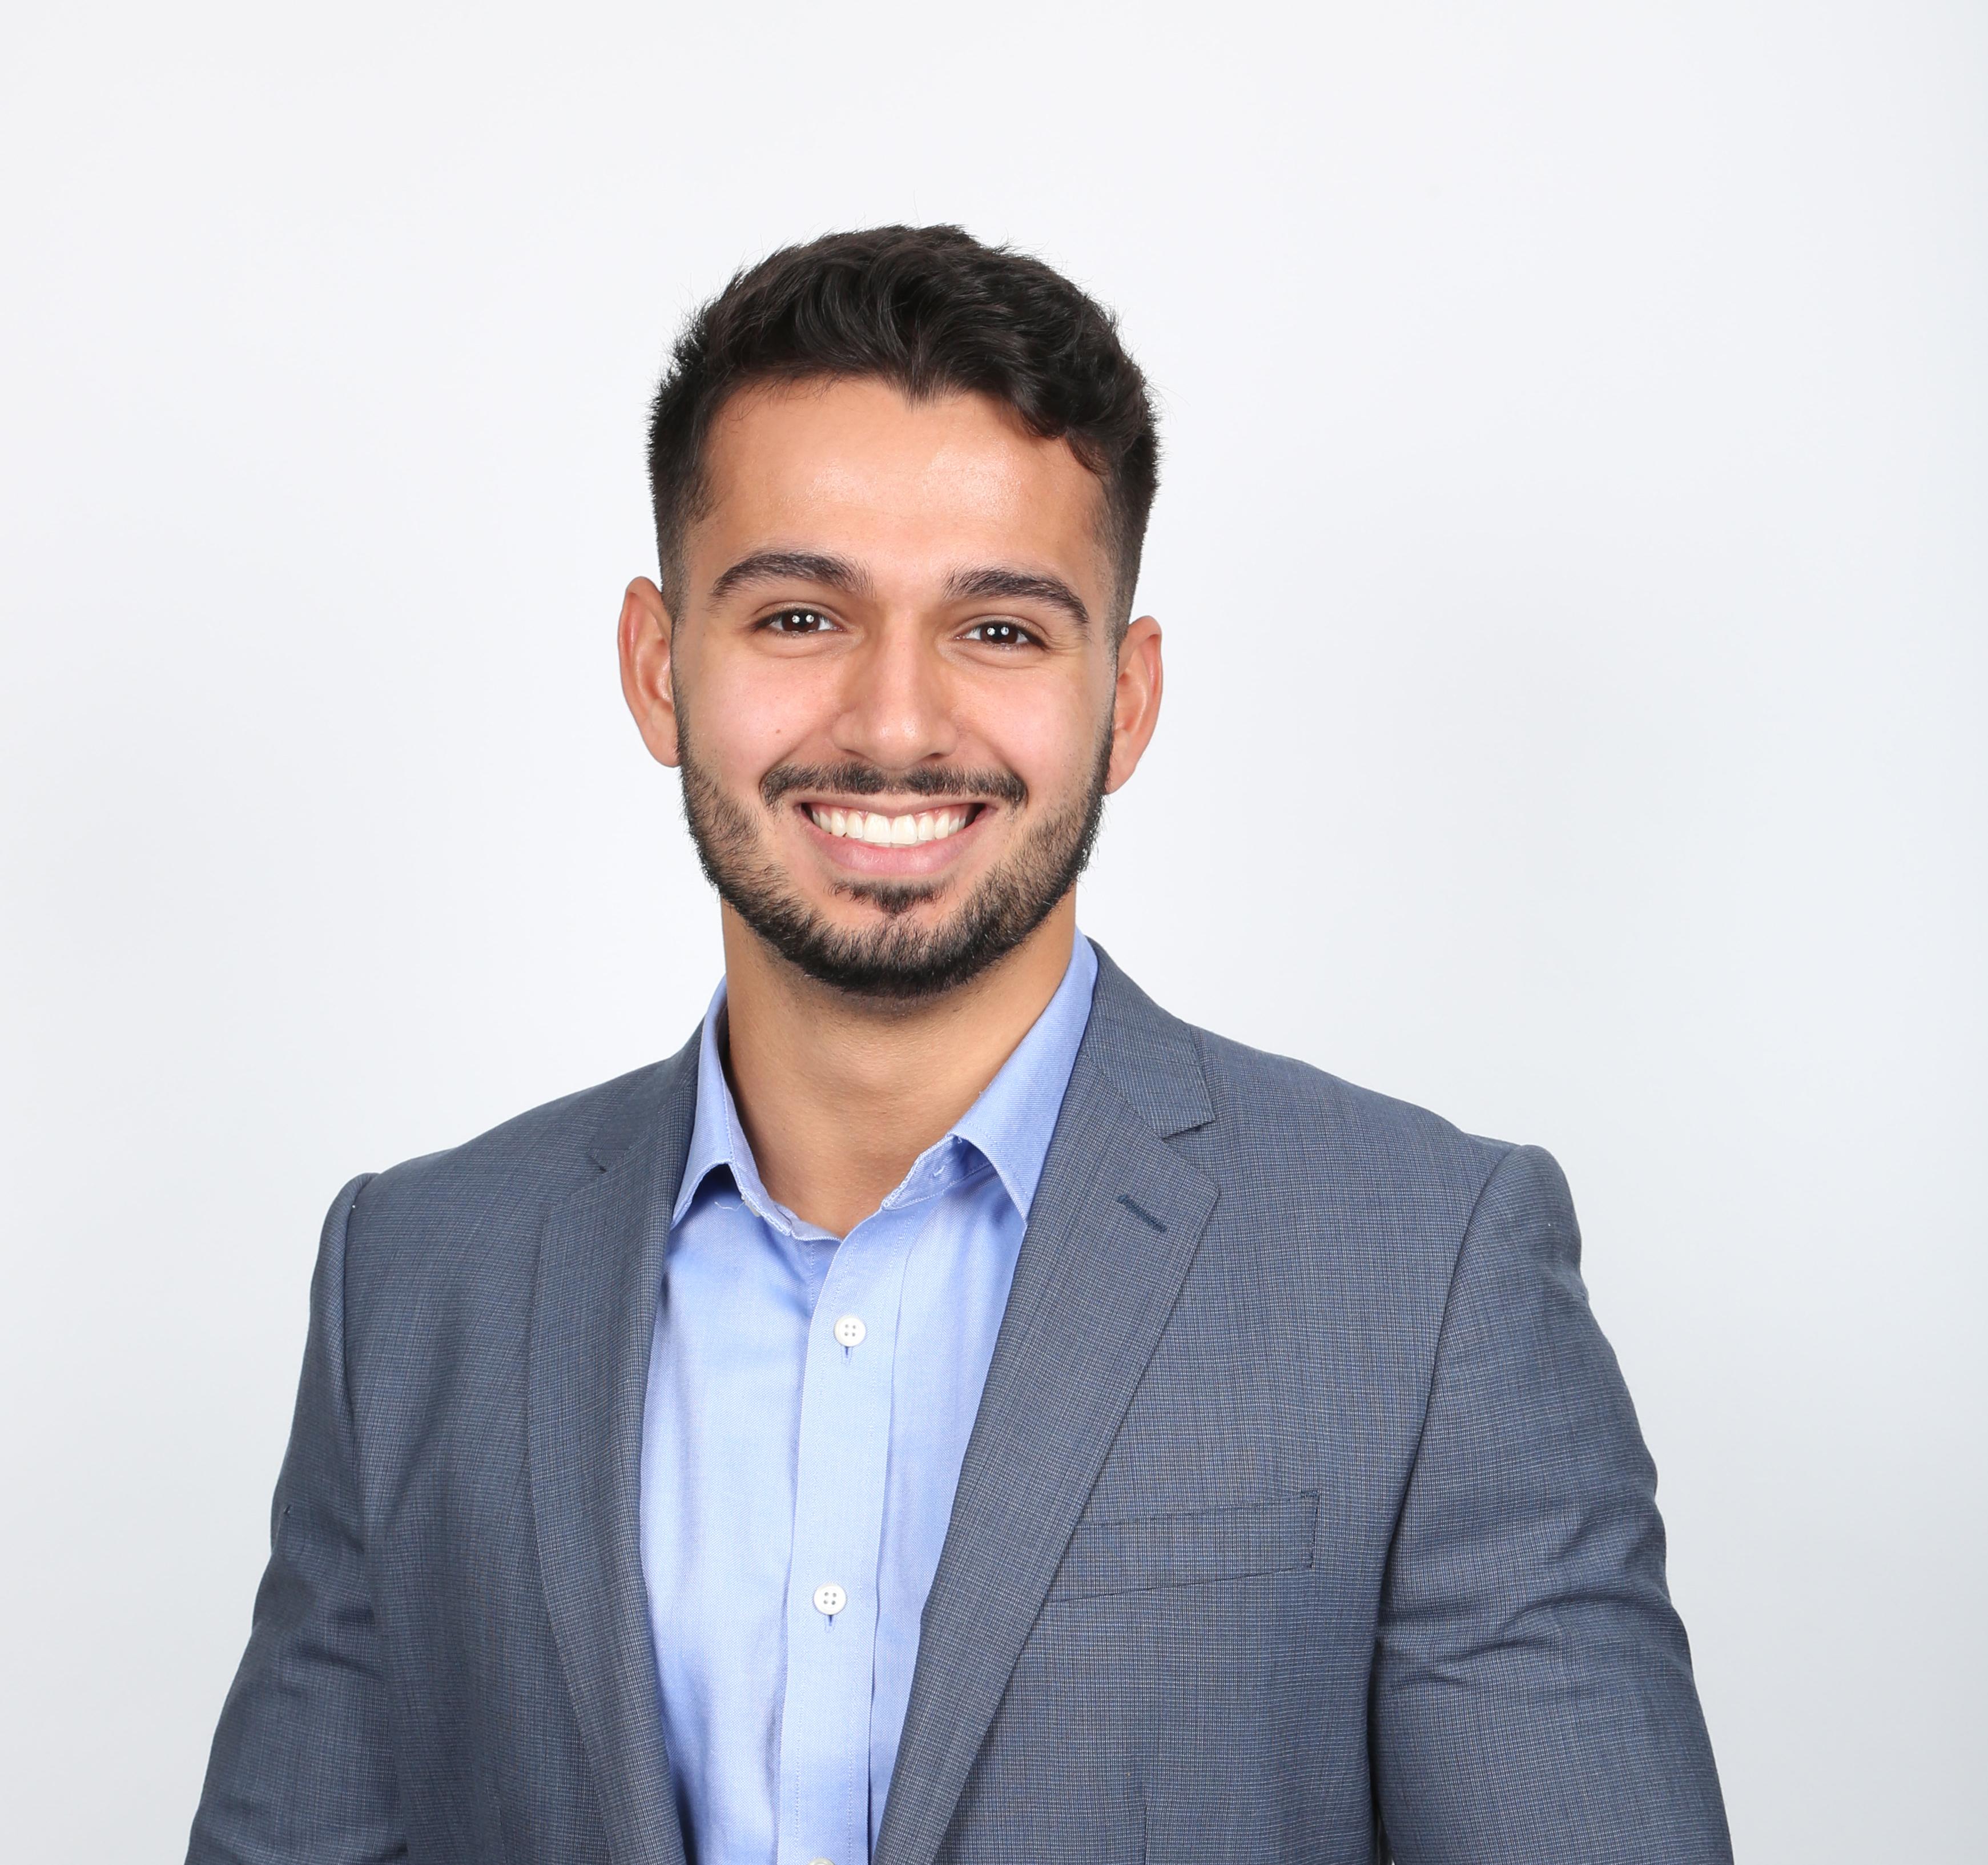 Brandon De Oliveira